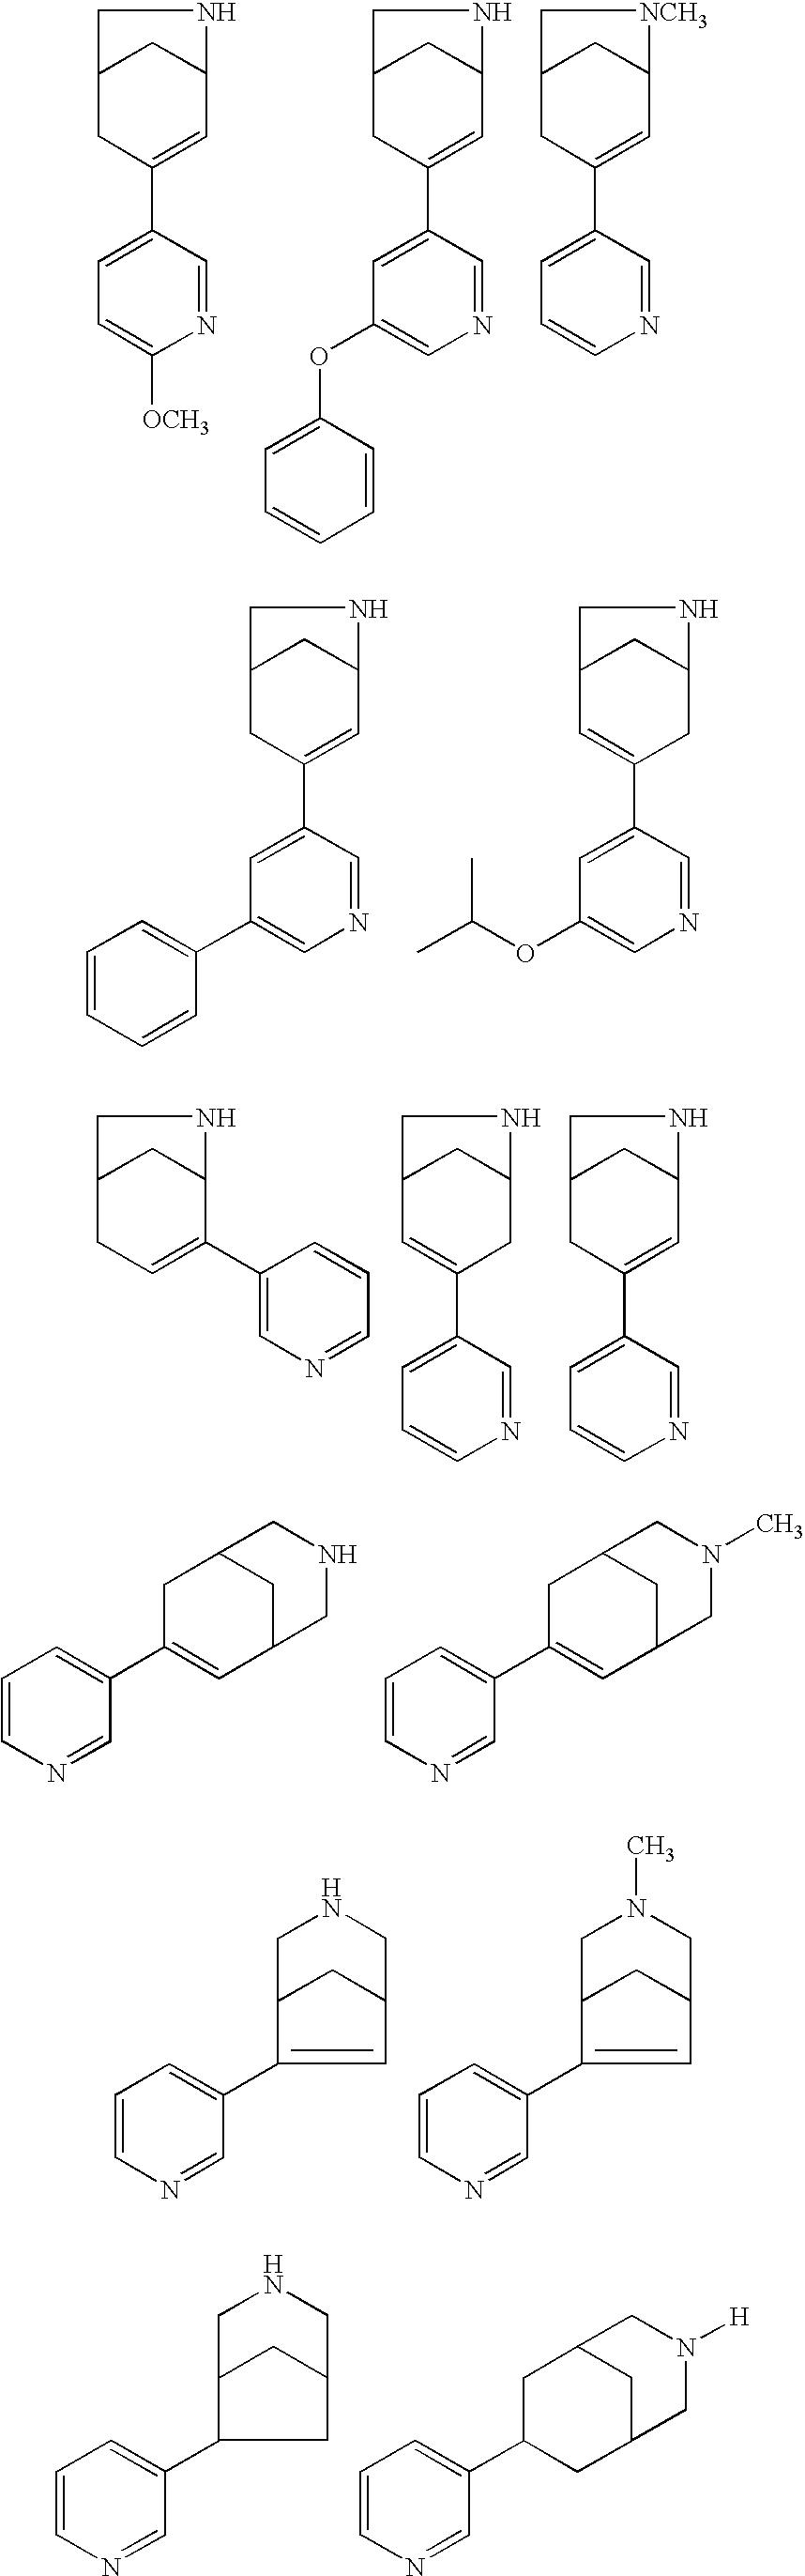 Figure US20080242693A1-20081002-C00013